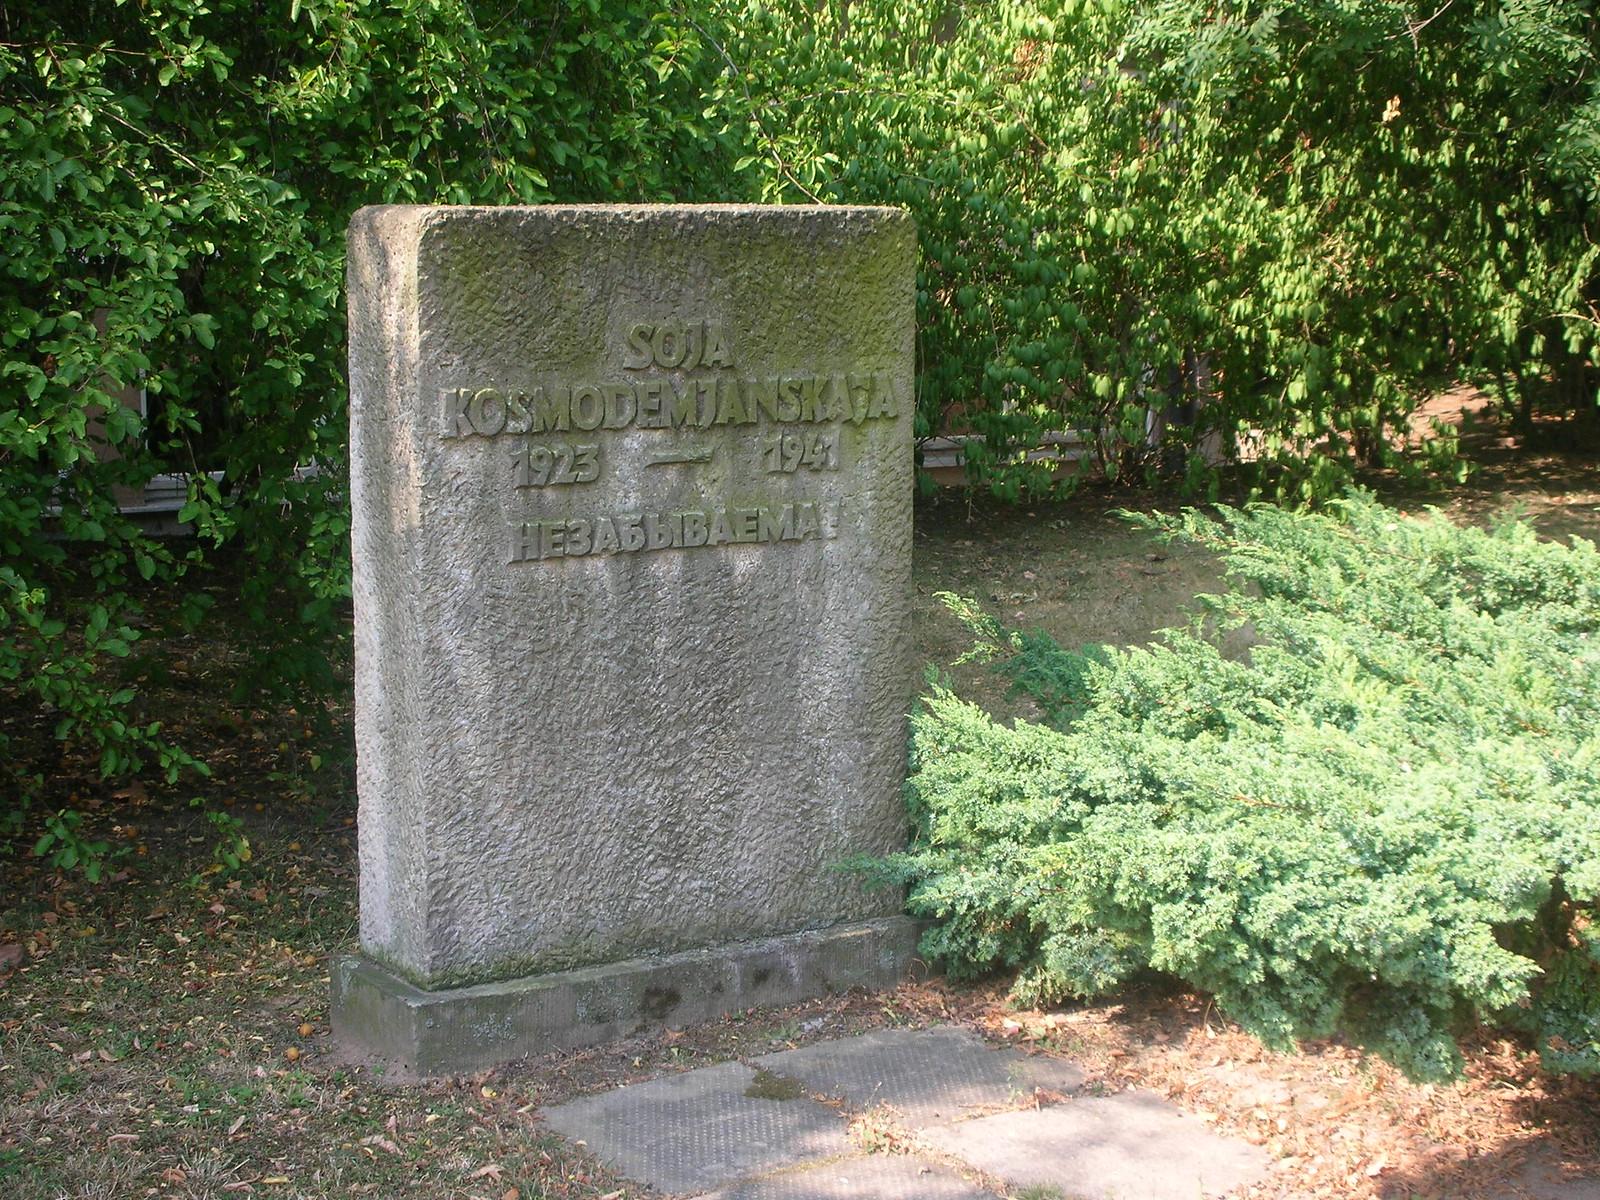 Dresden - Gedenkstein für Soja Kosmodemjanskaja